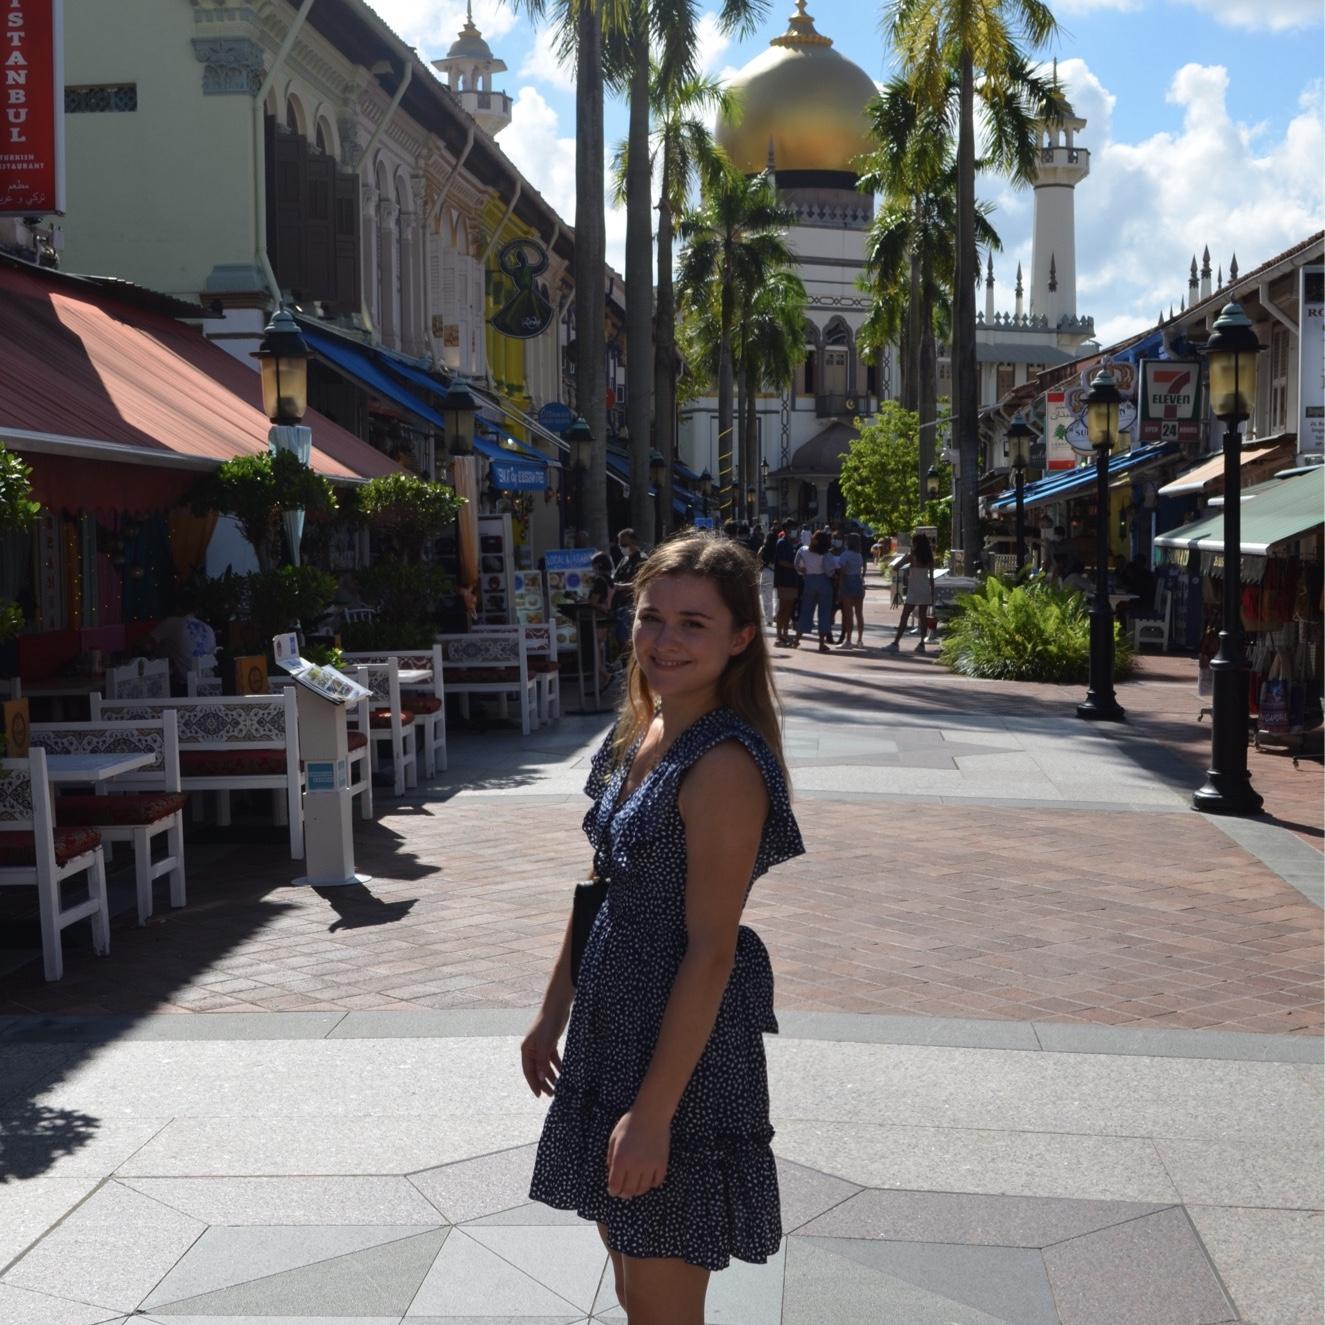 Auslandssemester Singapur – trotz Corona eine tolle Erfahrung!